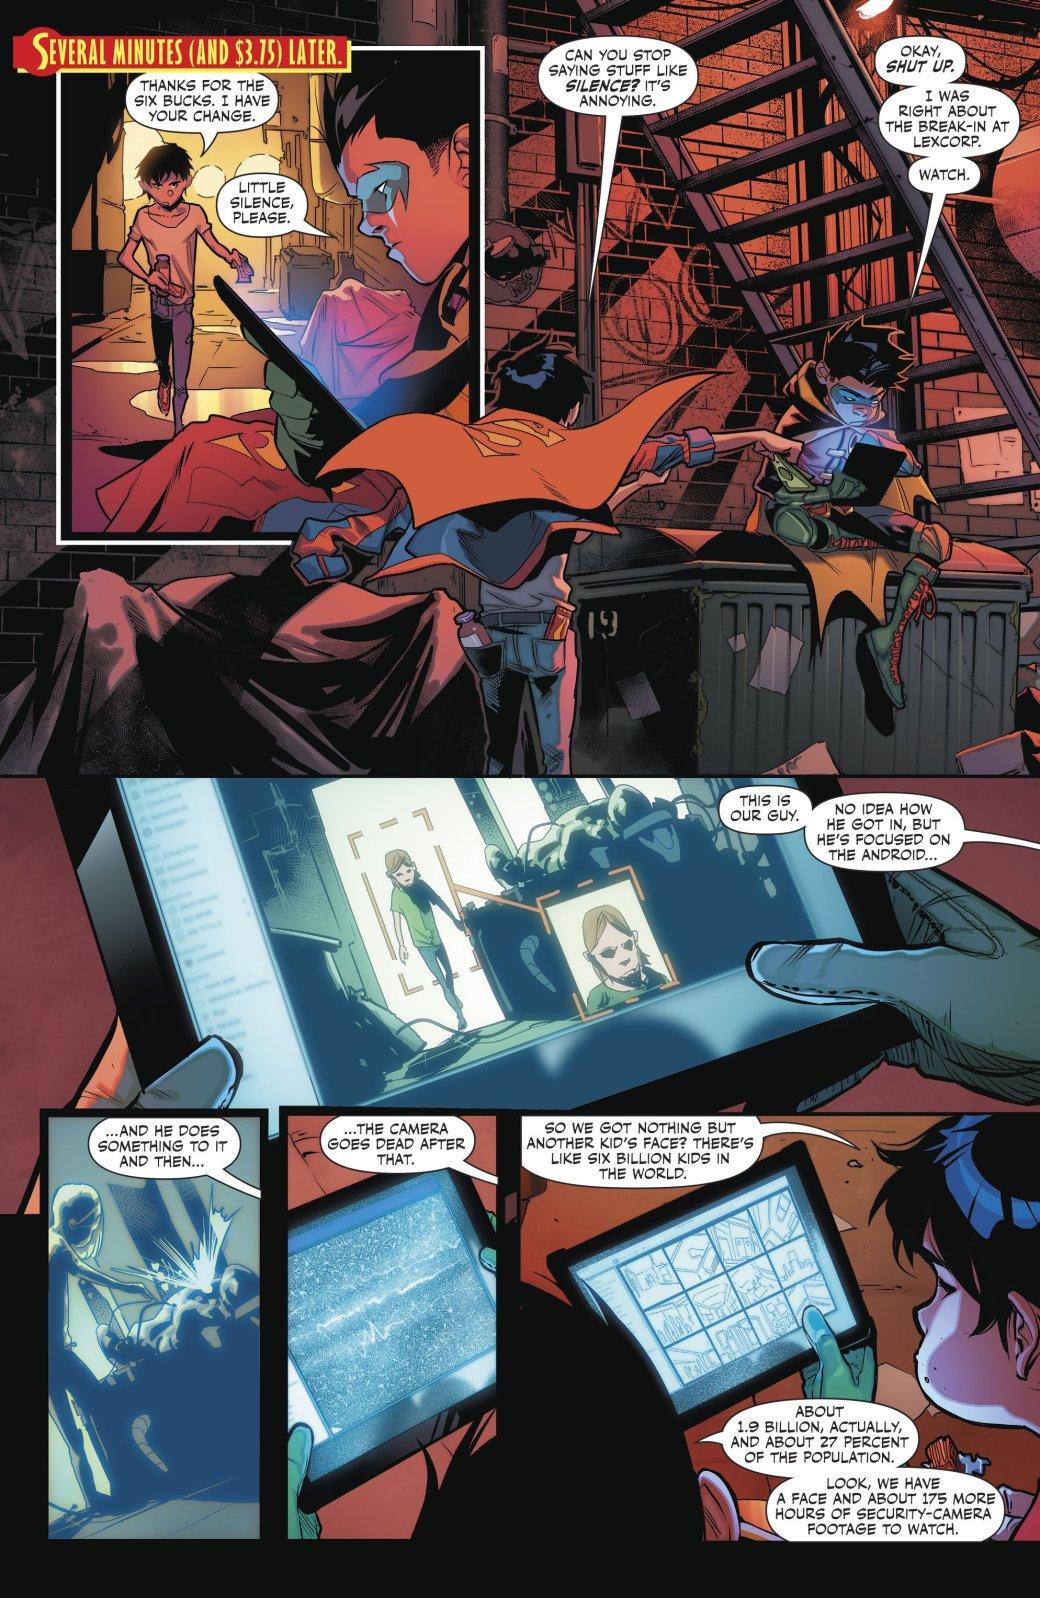 Супербой и Робин столкнулись со своим первым суперзлодеем - Изображение 2